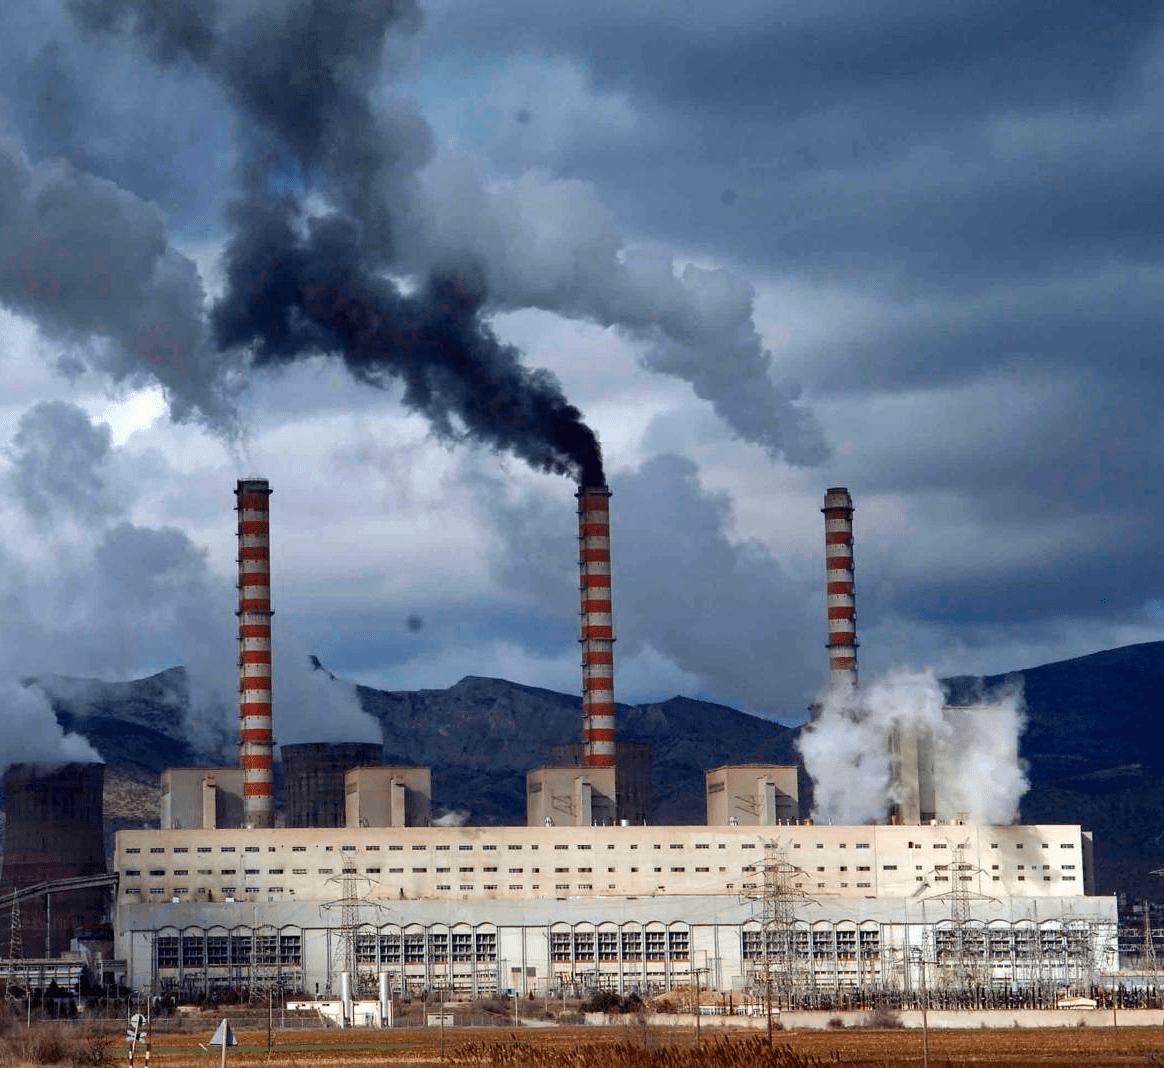 Экологическая экспертиза и независимая экологическая оценка                                                                             - Фото №3